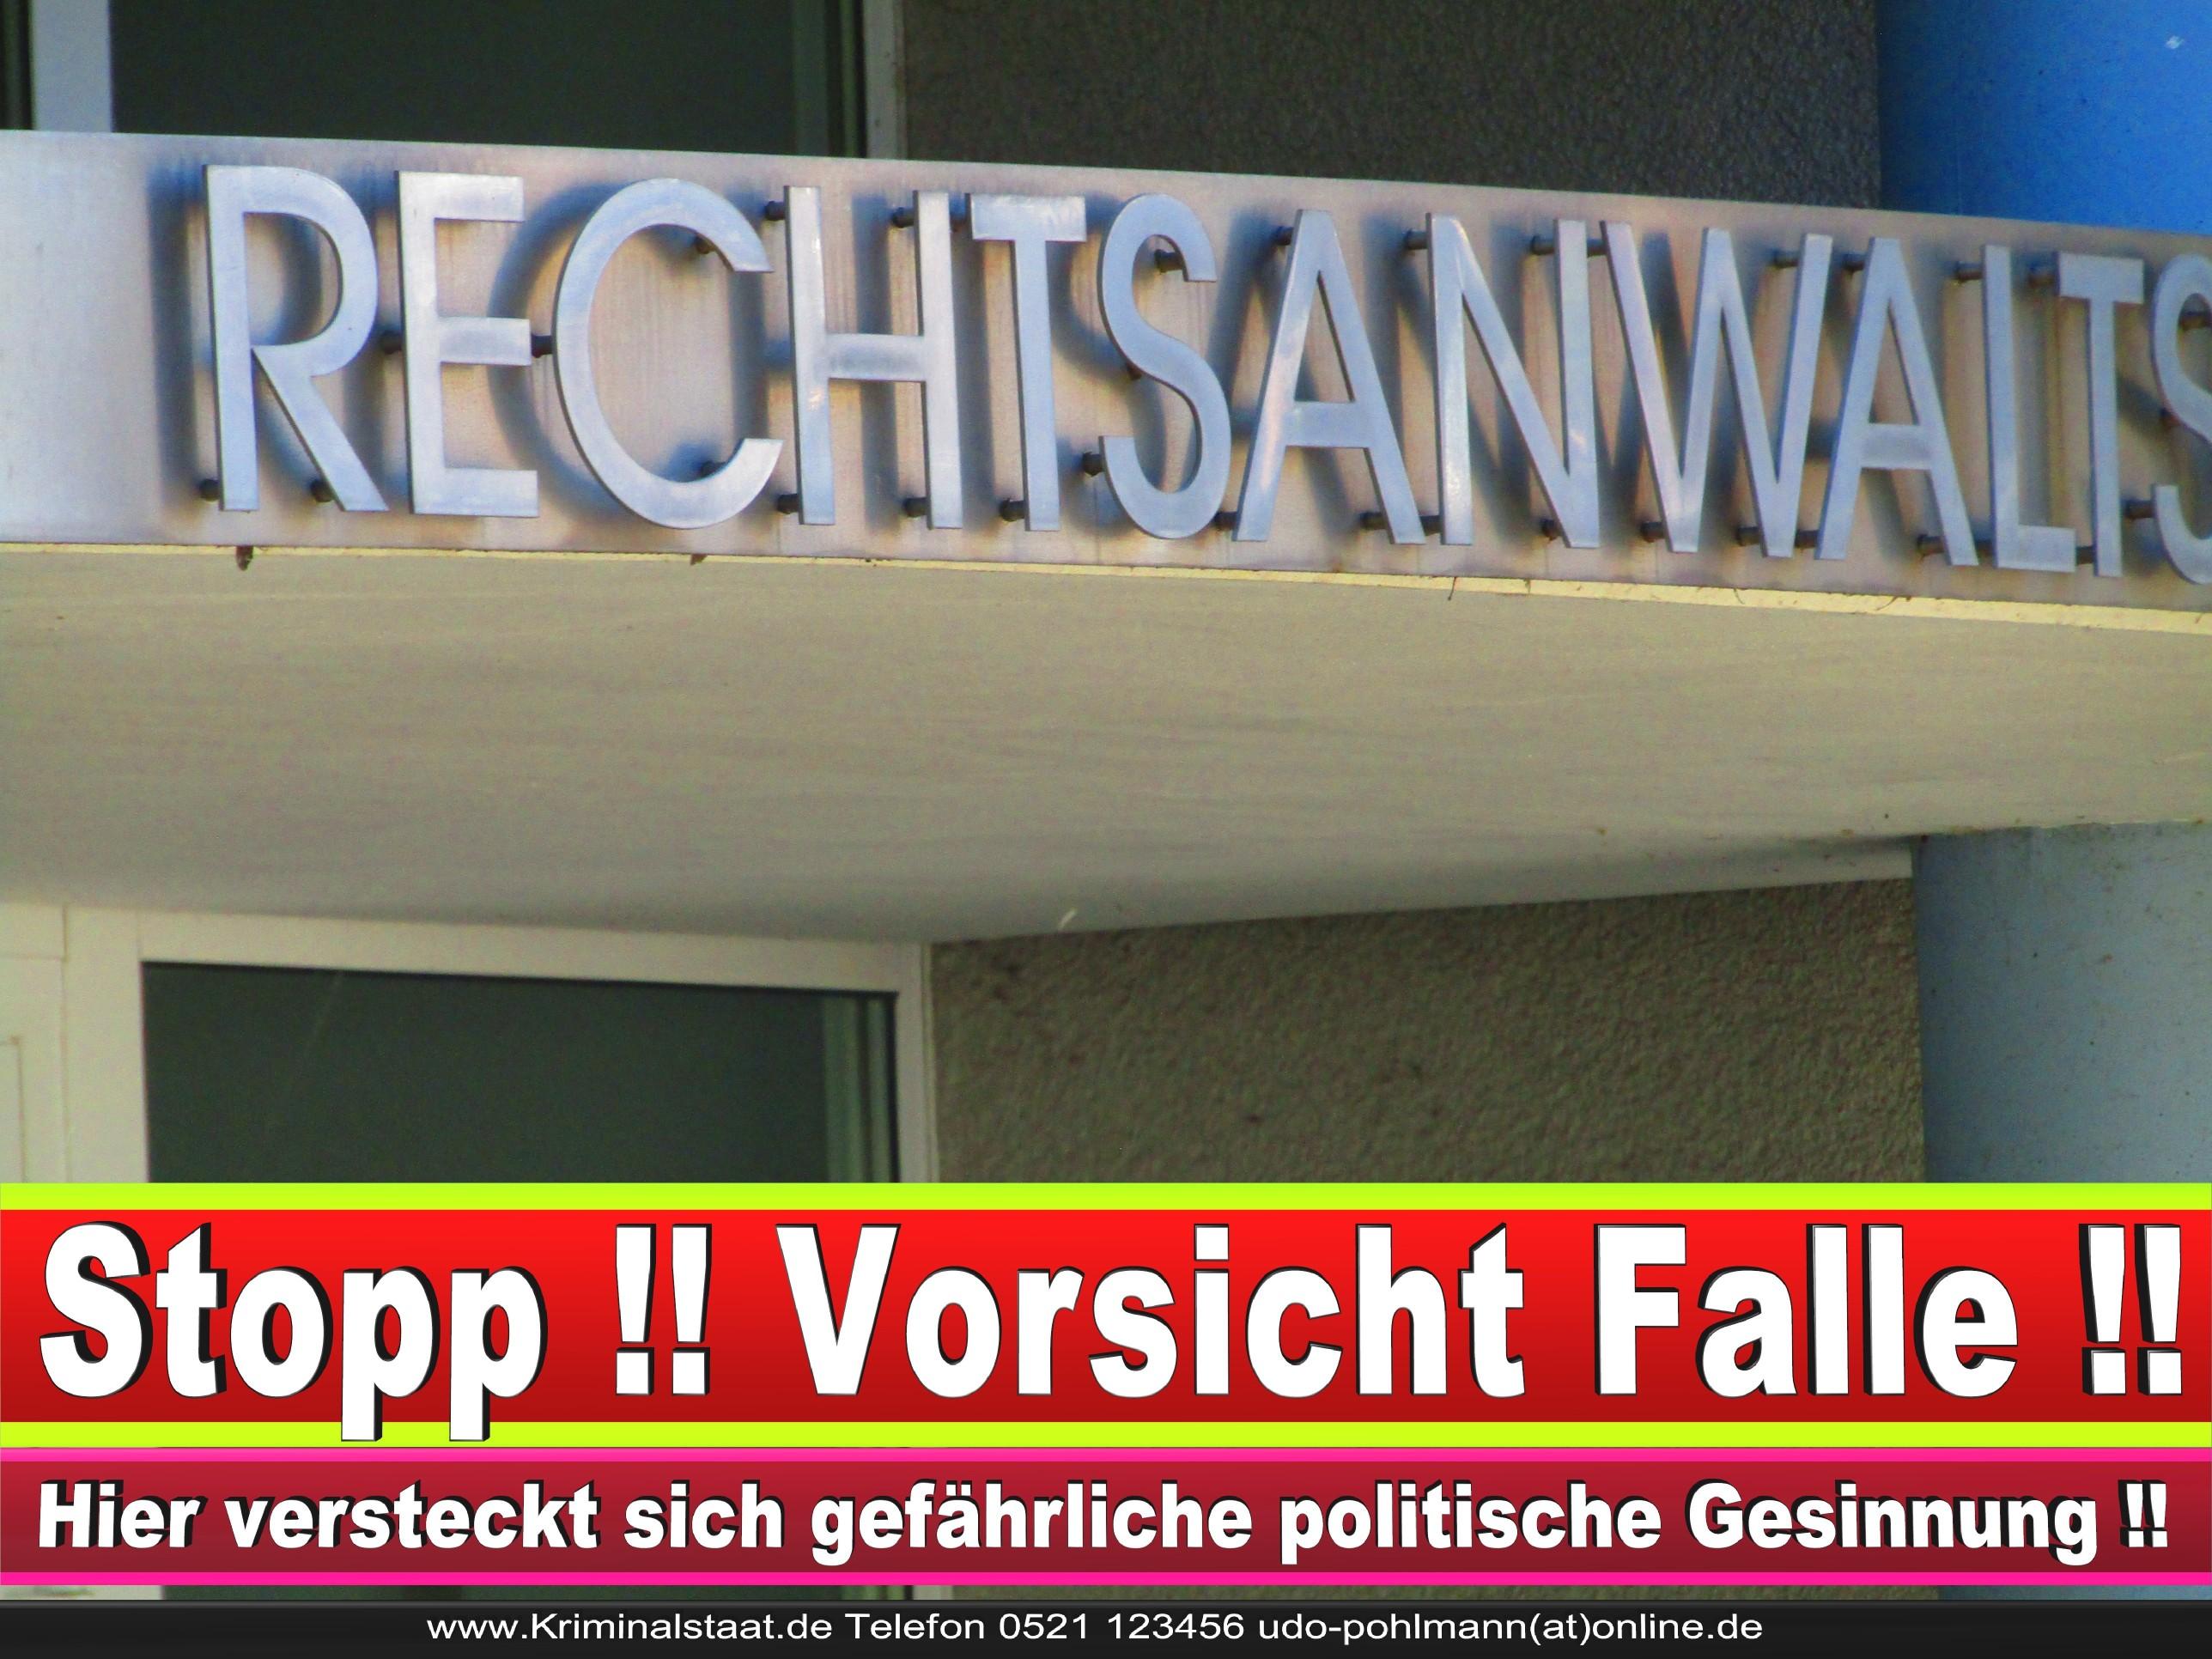 Rechtsanwaltskammer Hamm NRW Justizminister Rechtsanwalt Notar Vermögensverfall Urteil Rechtsprechung CDU SPD FDP Berufsordnung Rechtsanwälte Rechtsprechung (21)